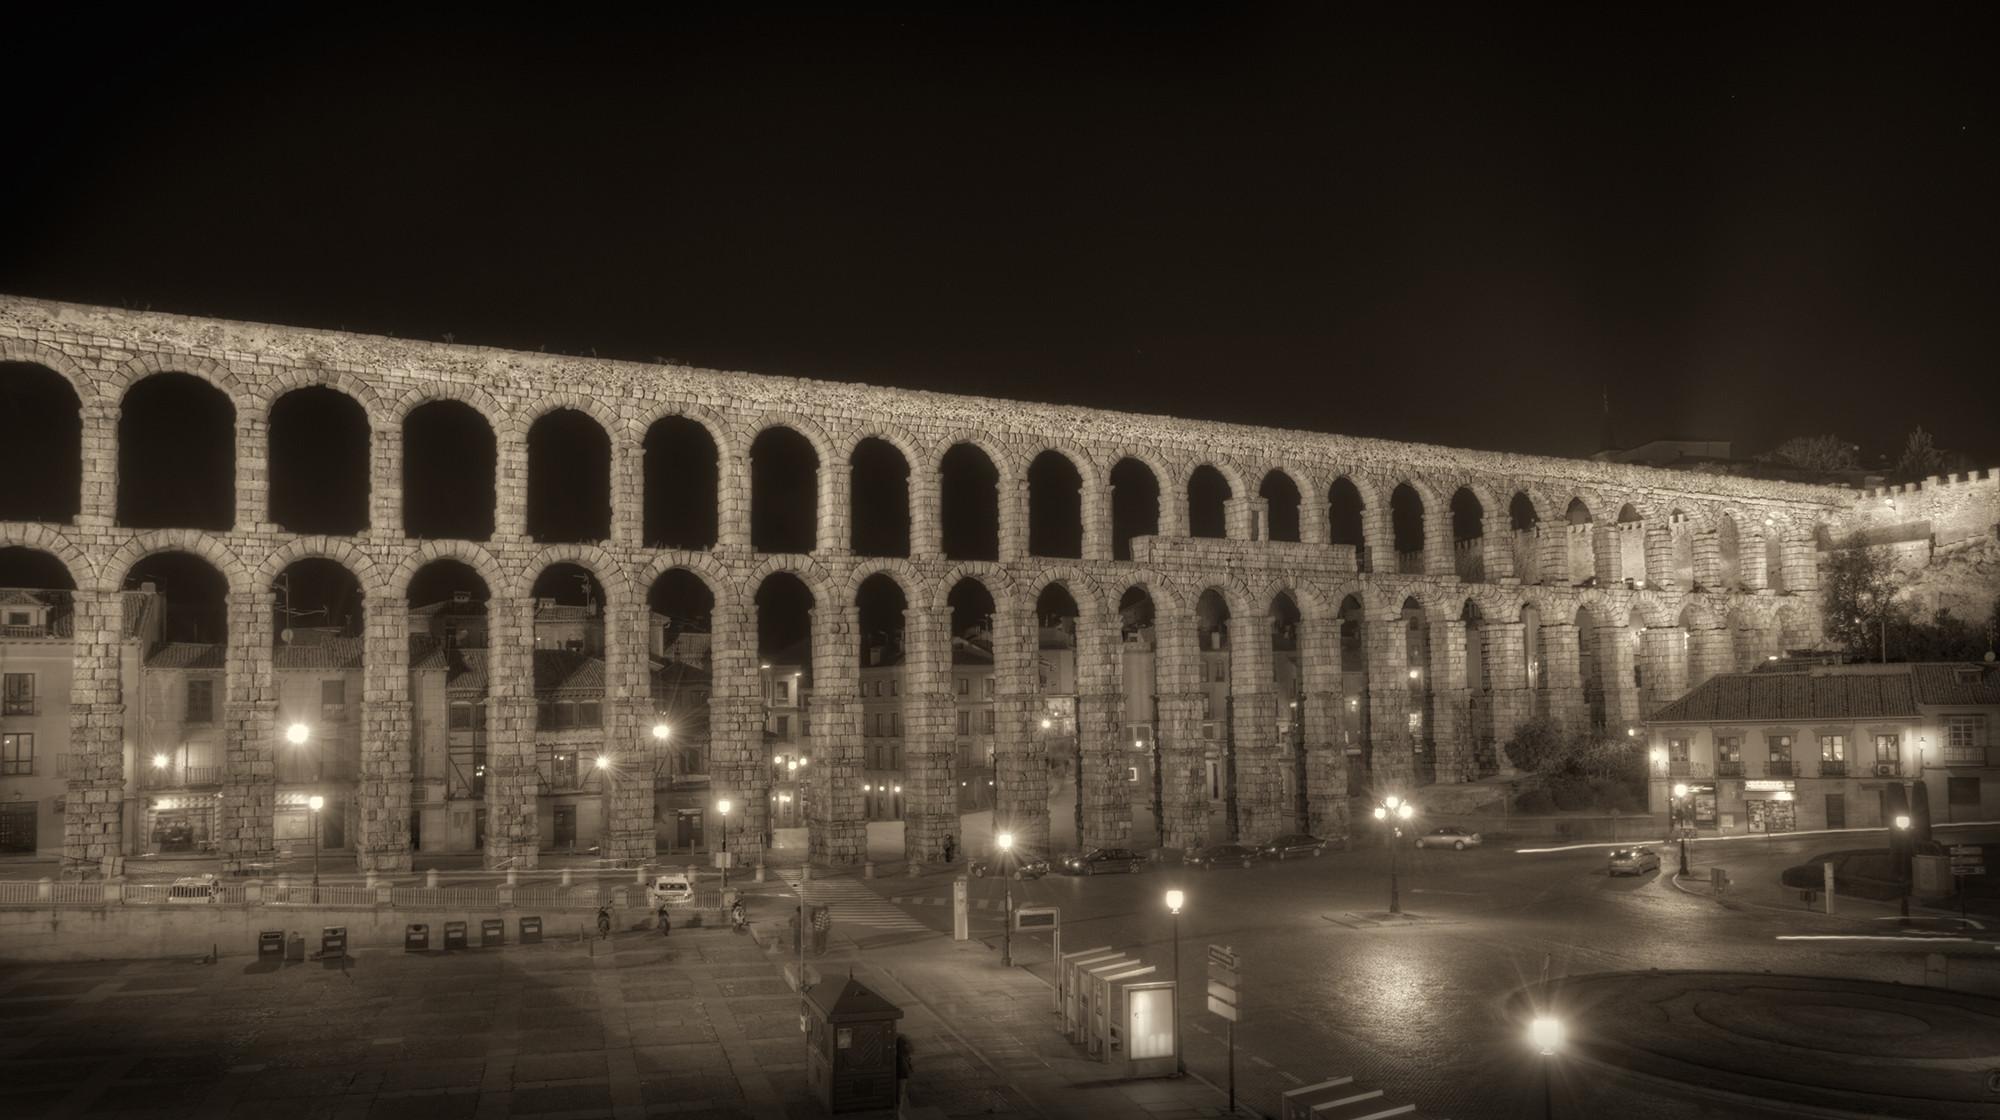 Volverán a restaurar el histórico Acueducto de Segovia, Acueducto de Segovia en la actualidad. Image © marcp_dmoz [Flickr]